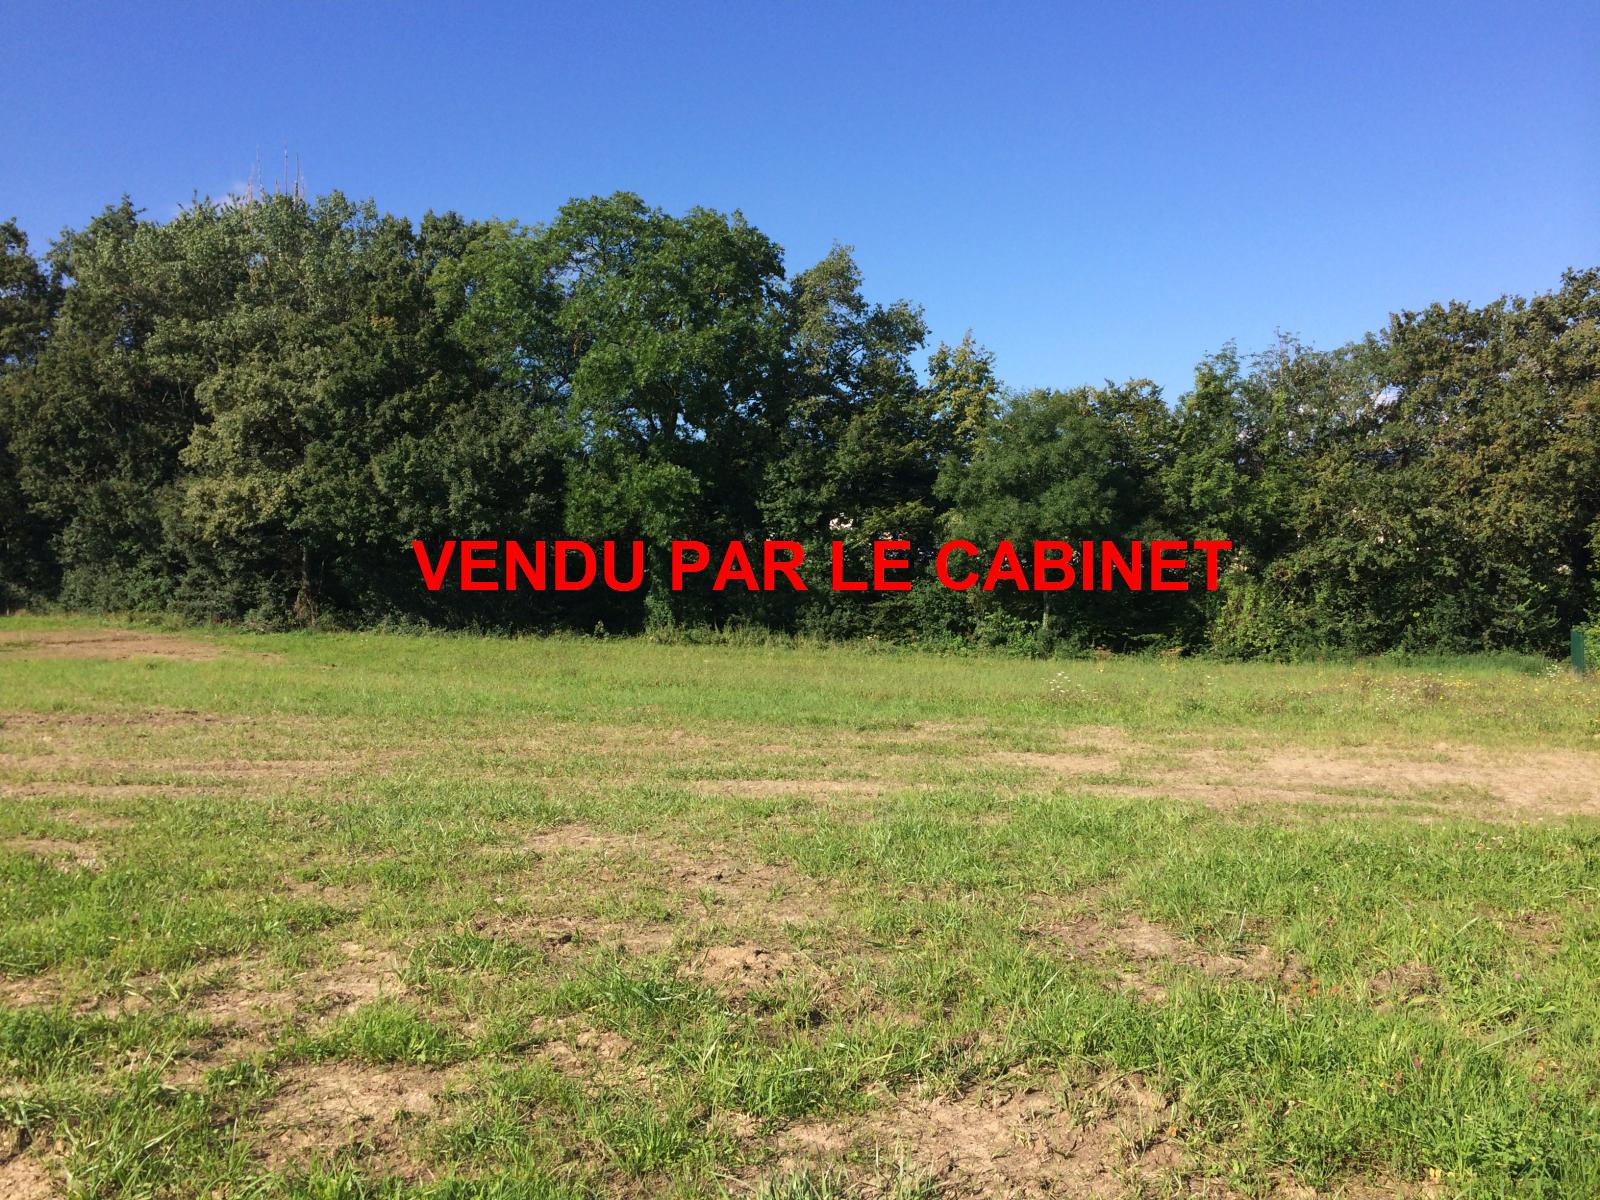 EXCLUSIVITE 5 min VIRY, commune CHENEX belle parcelle à bâtir de 841 m²...VENDU PAR LE CABINET